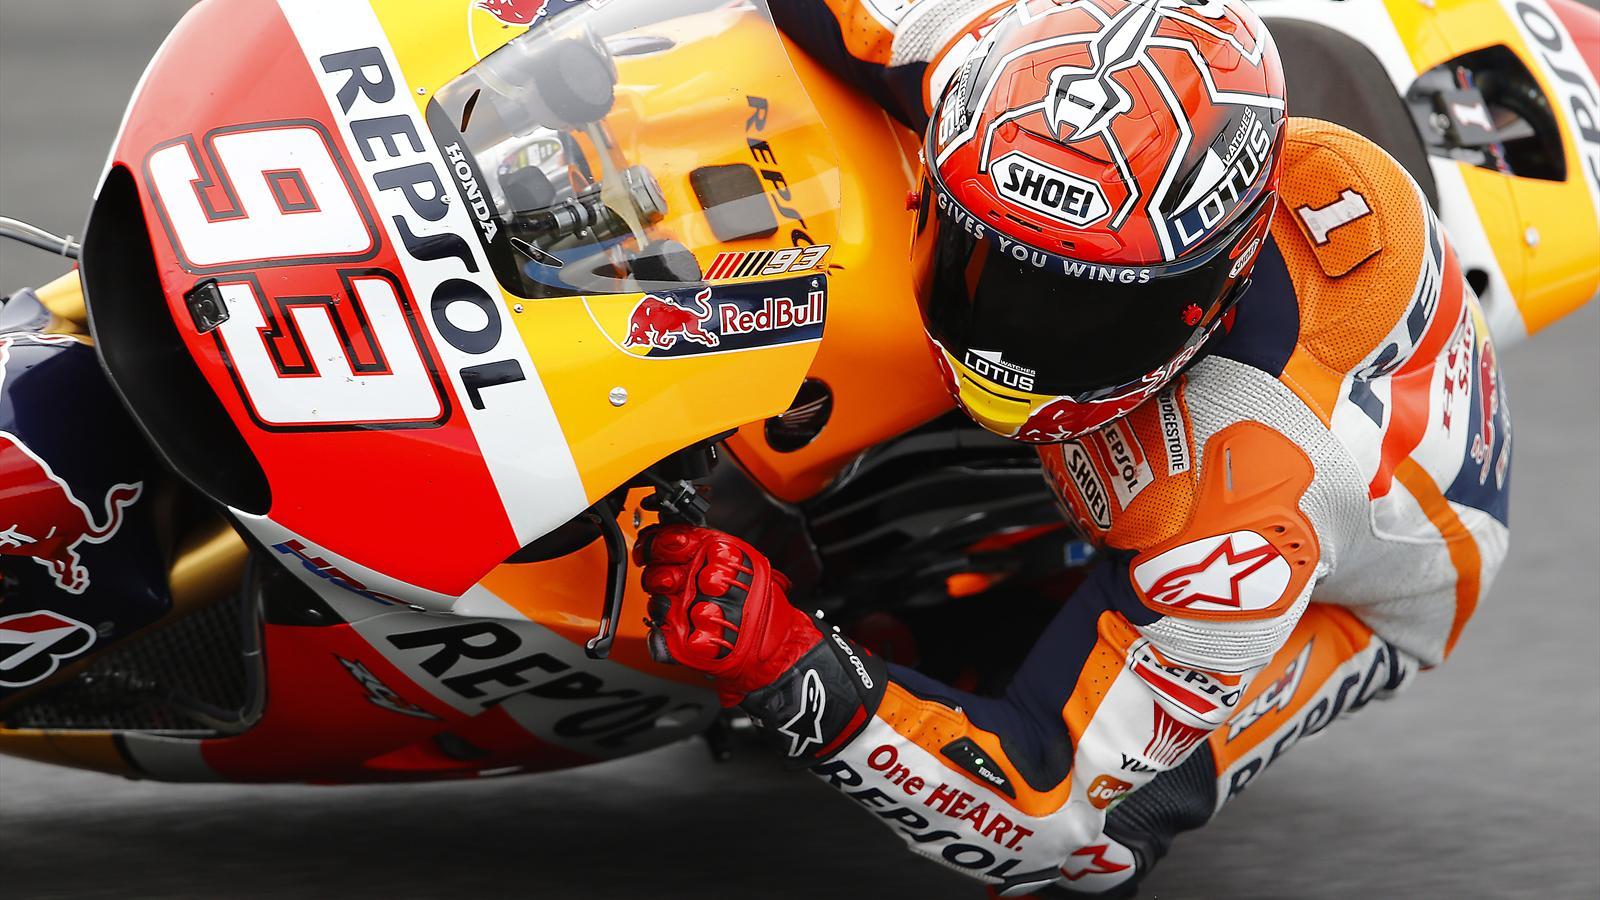 Marc Marquez (Honda HRC) au Grand Prix d'Australie 2015